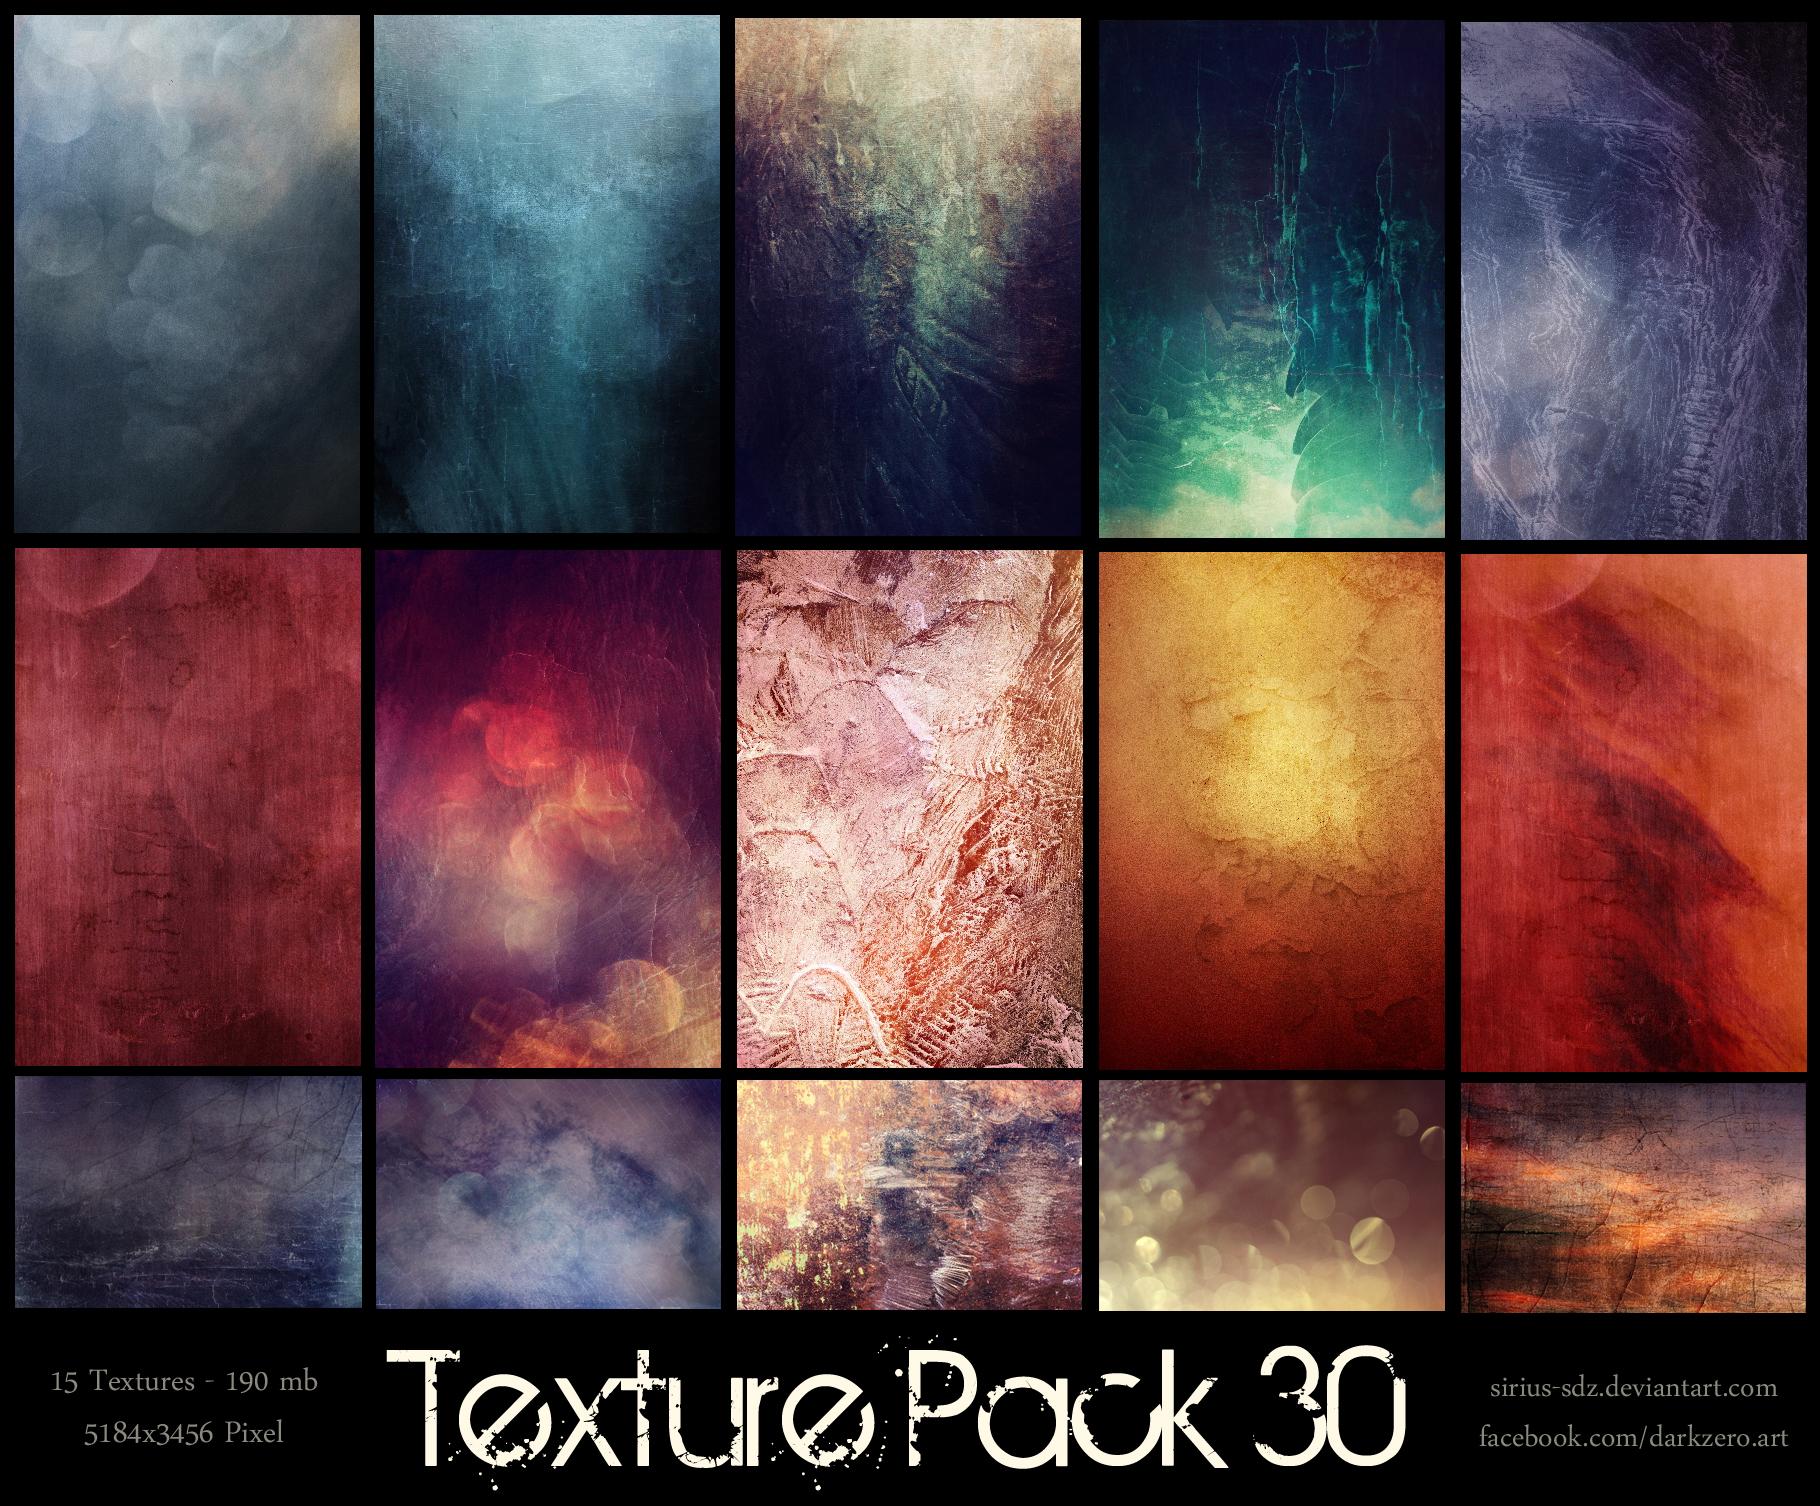 Texture Pack 30 by Sirius-sdz